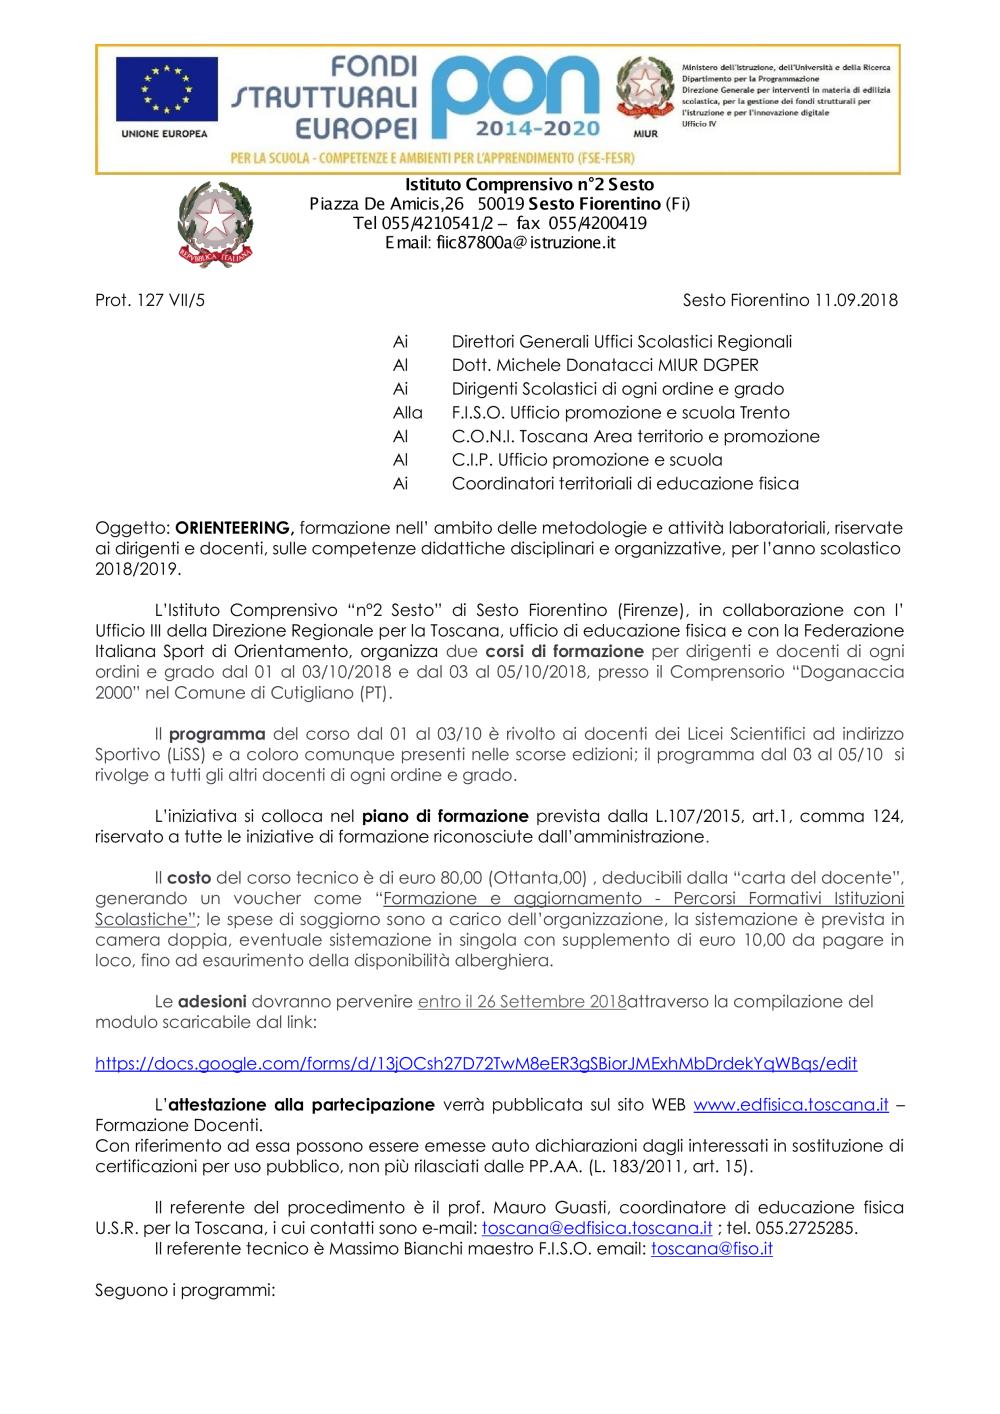 ORIENTEERING_FORMAZIONE 2018_2019.pdf - Ricerca - Miur